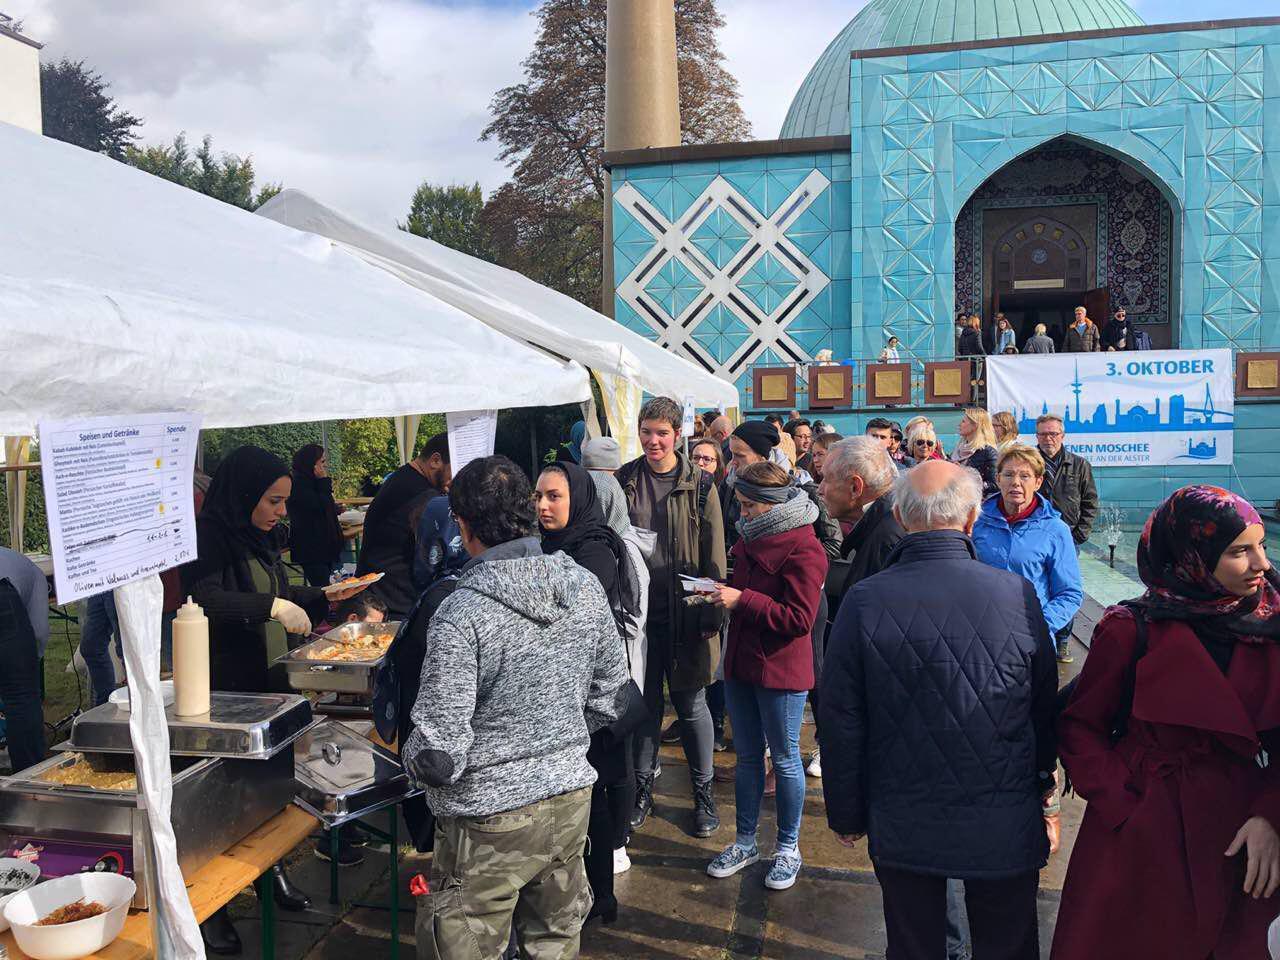 مراسم روز درهای باز مسجد امام علی (ع) در هامبورگ